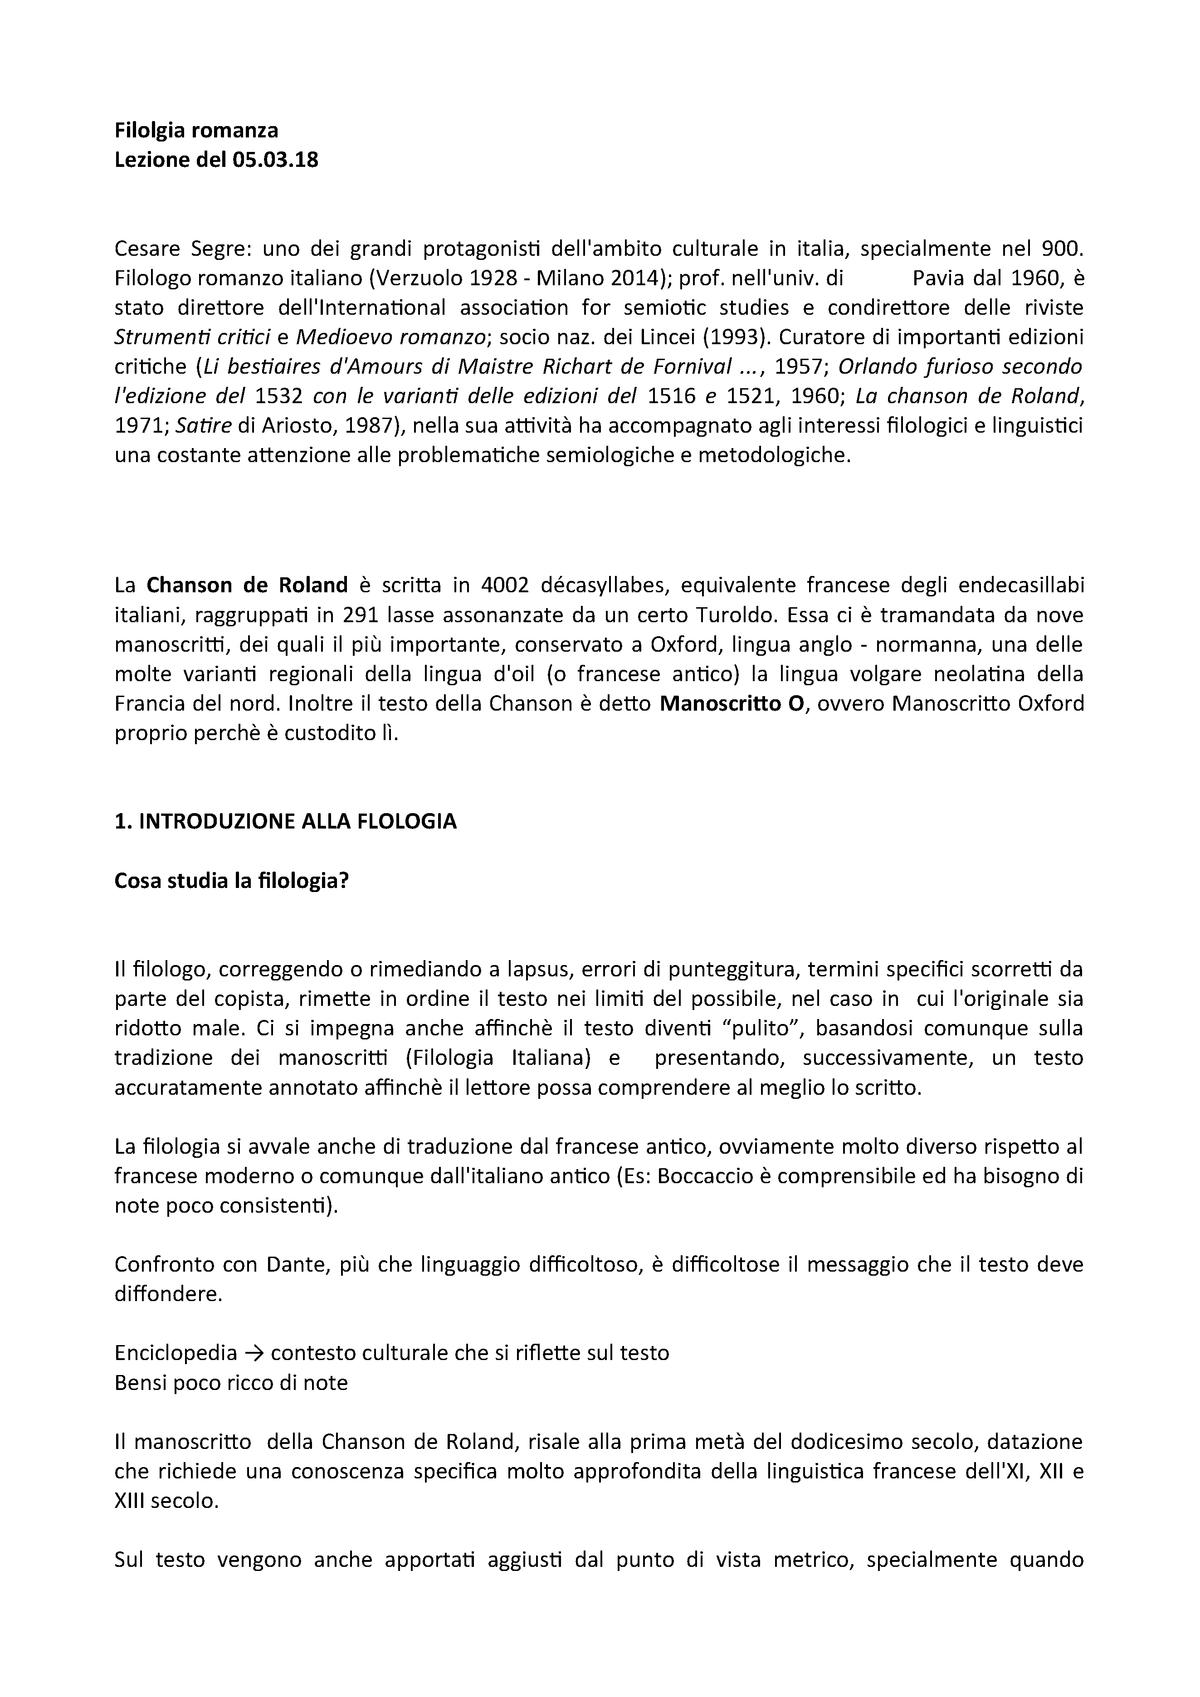 Suggerimenti per la datazione dei messaggi di testo